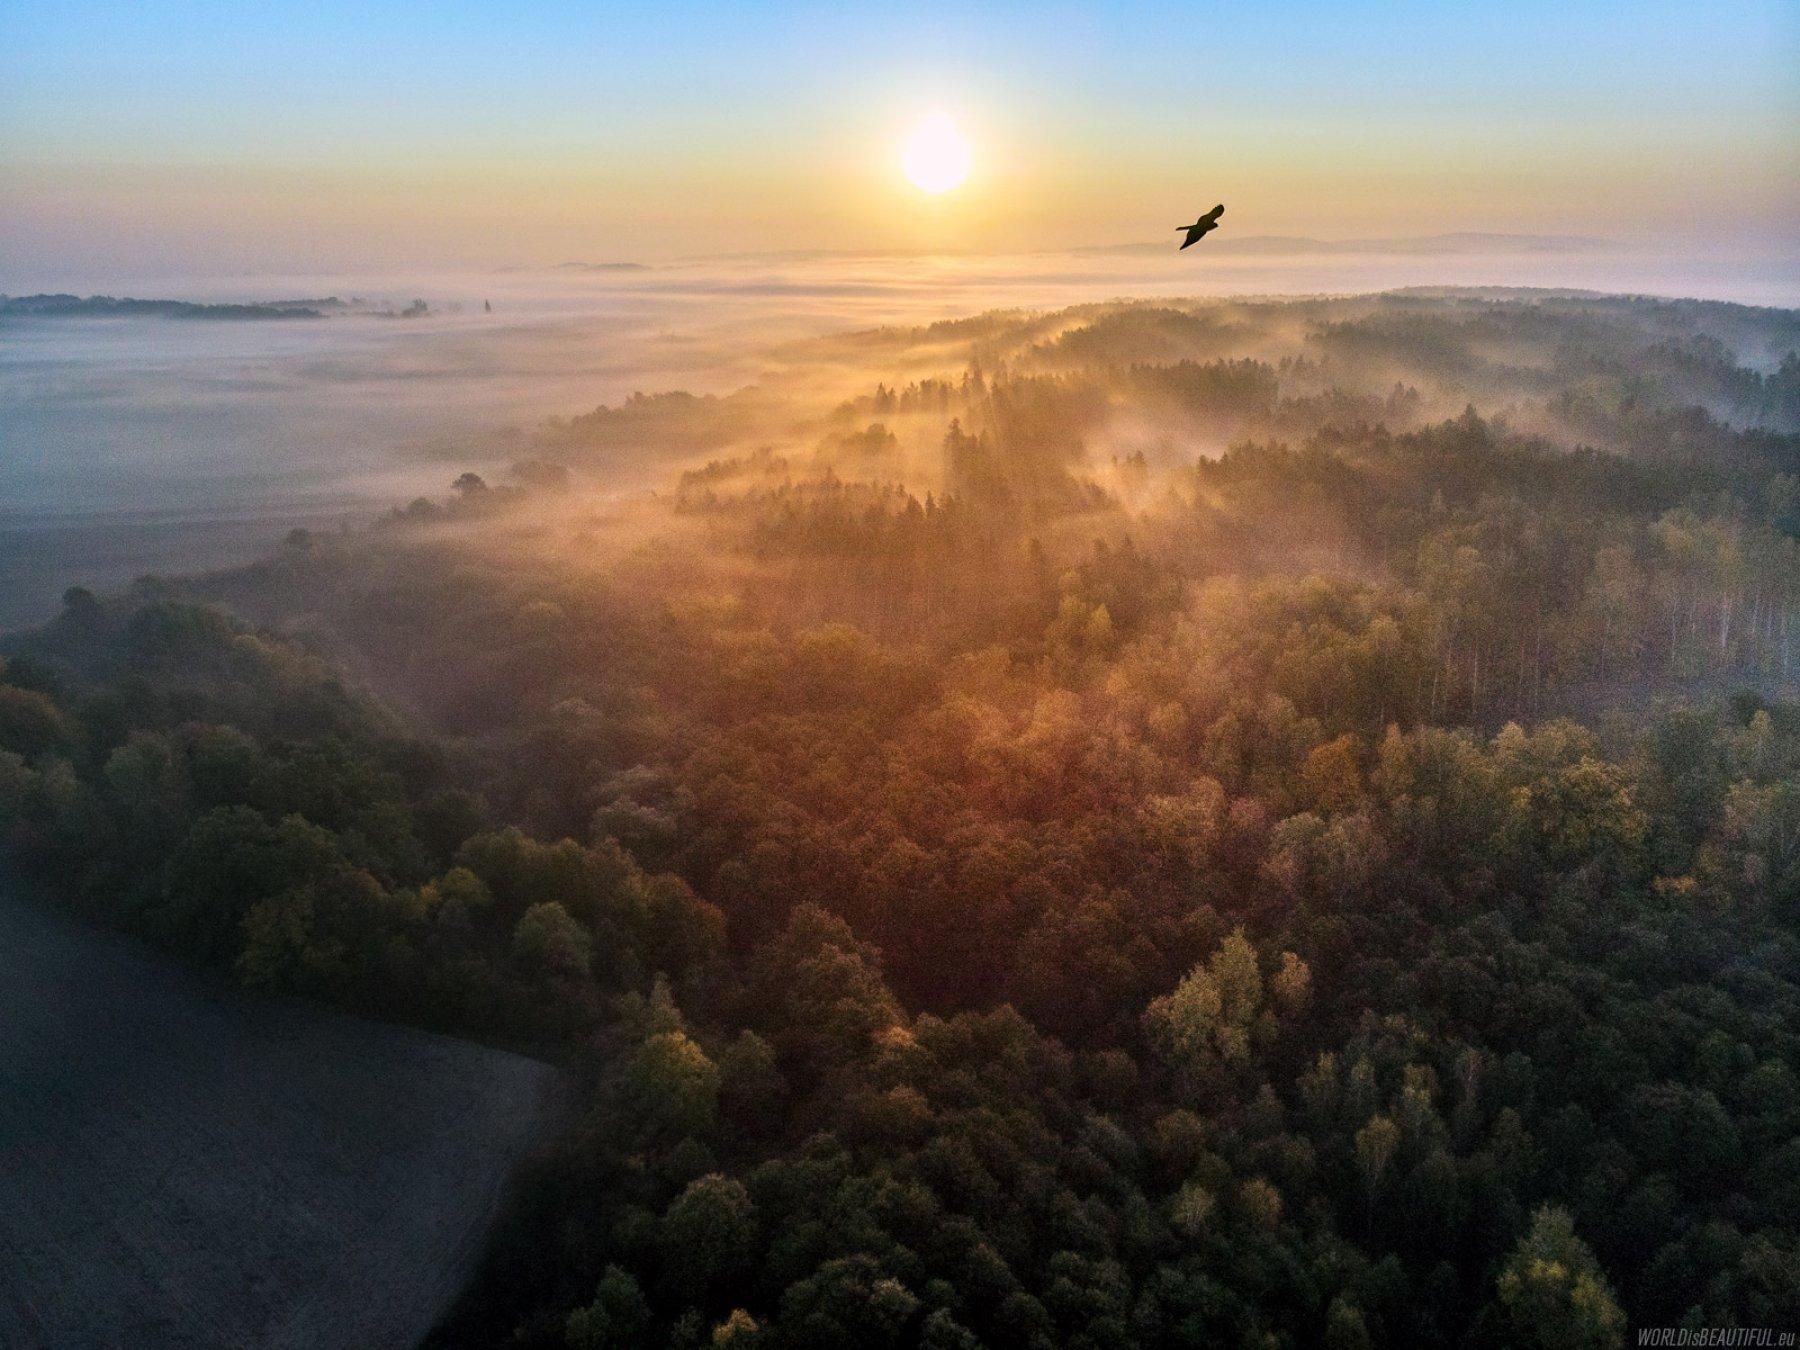 Czy ptaki atakują drony